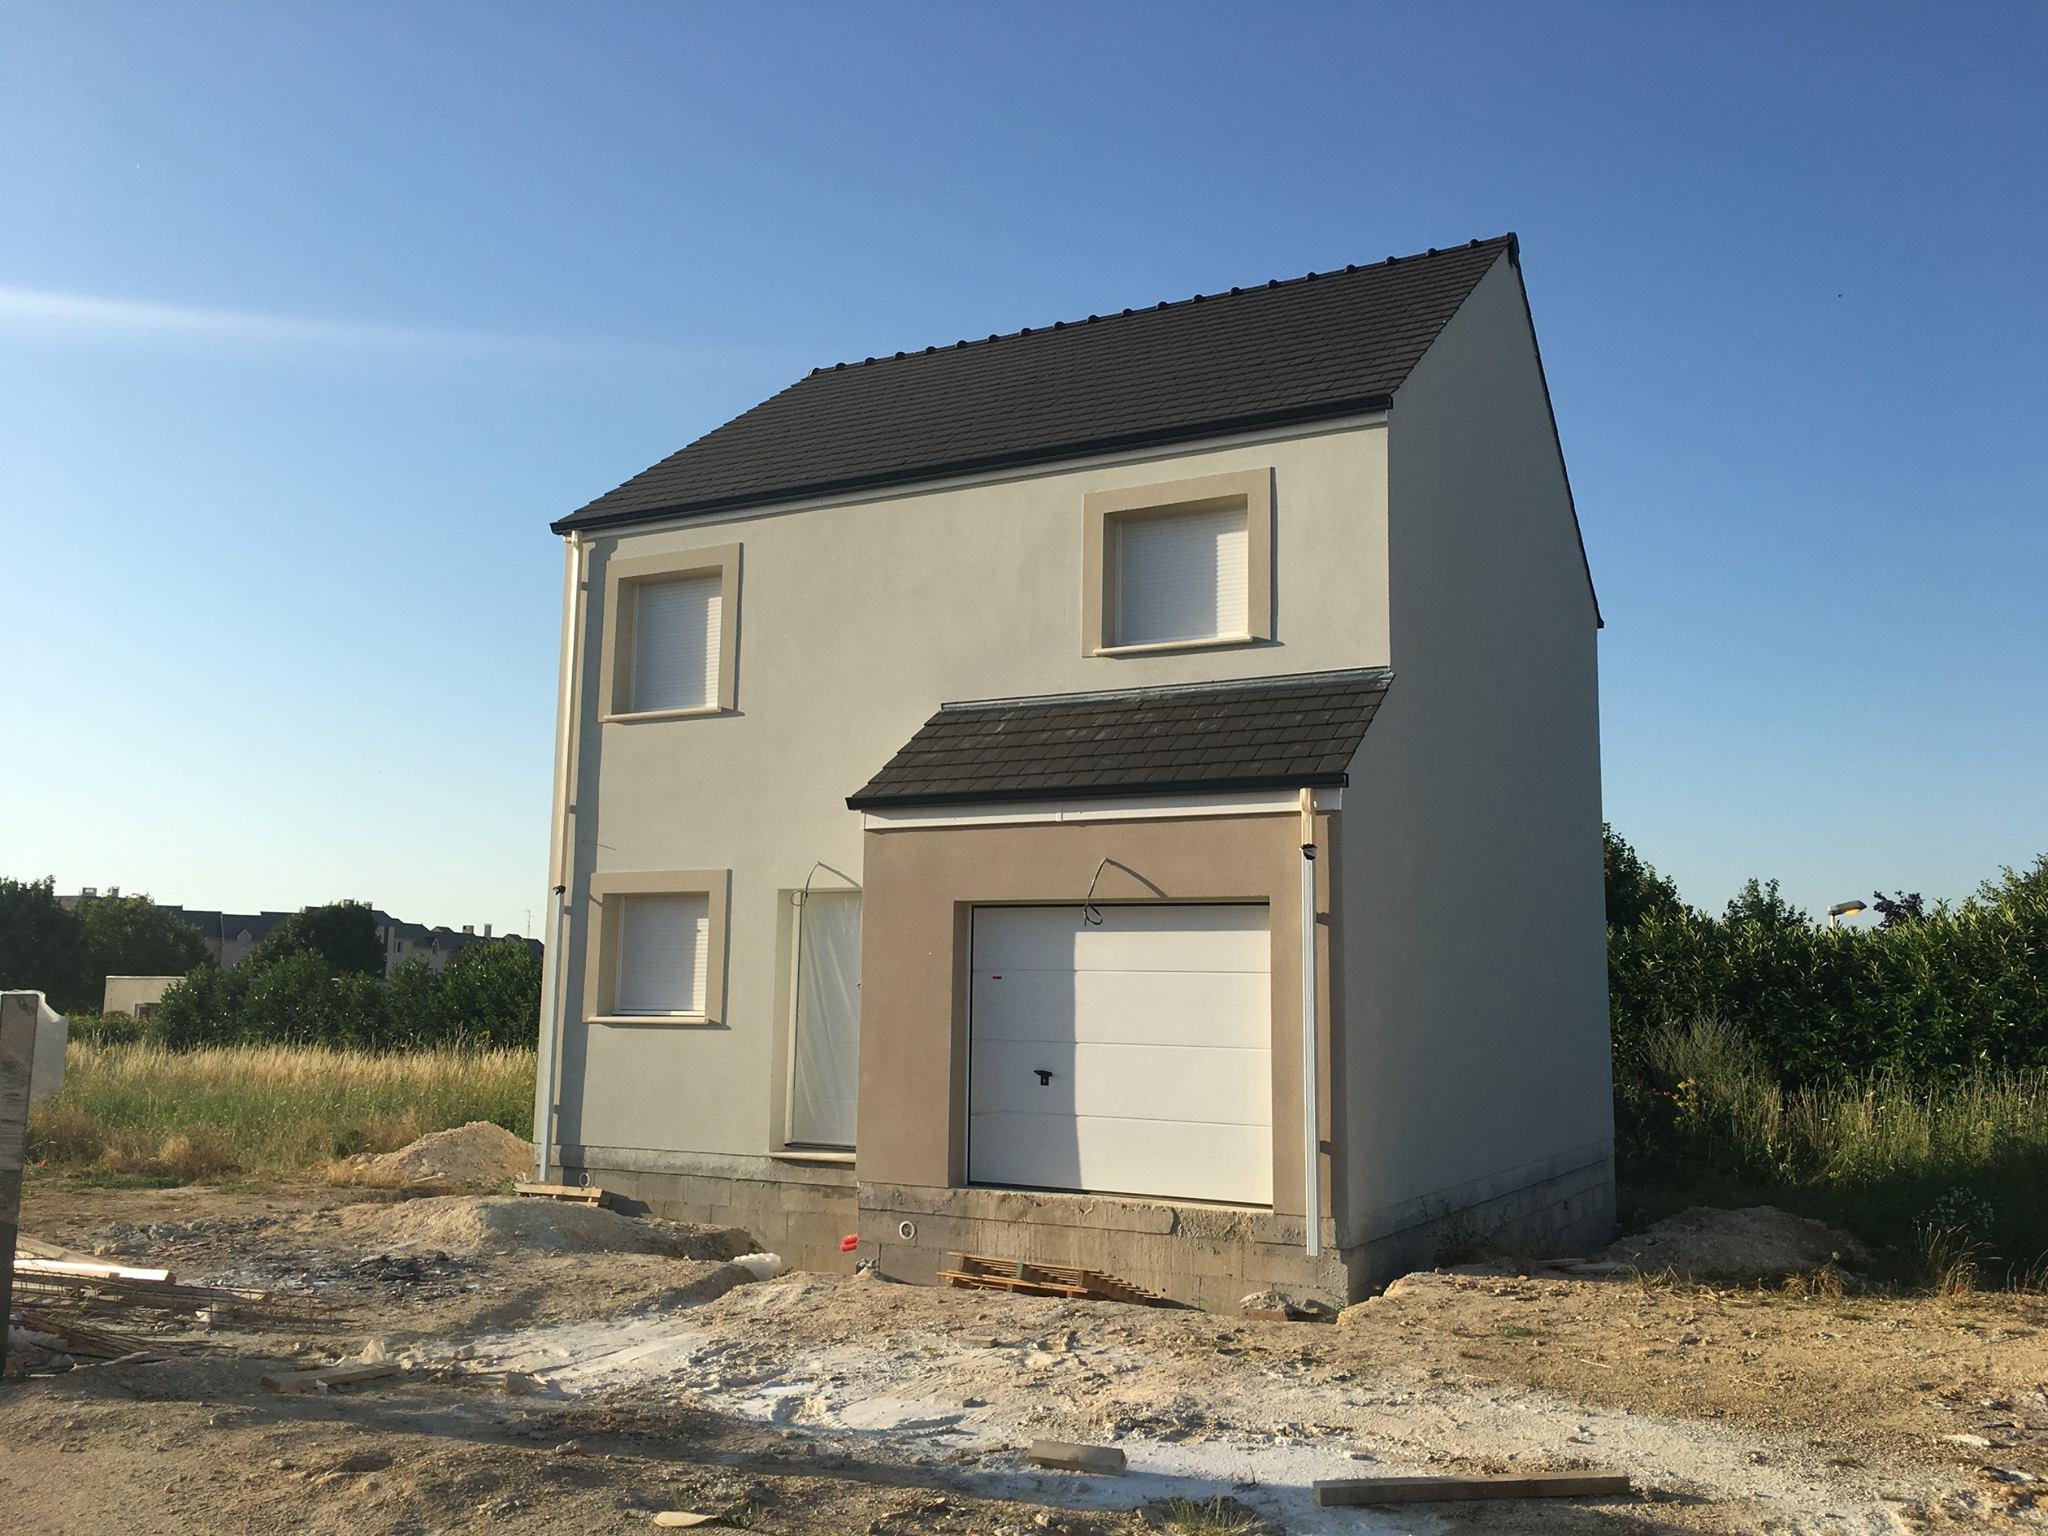 Maison + terrain à BALLANCOURT-SUR-ESSONNE (91610) dans l'ESSONNE